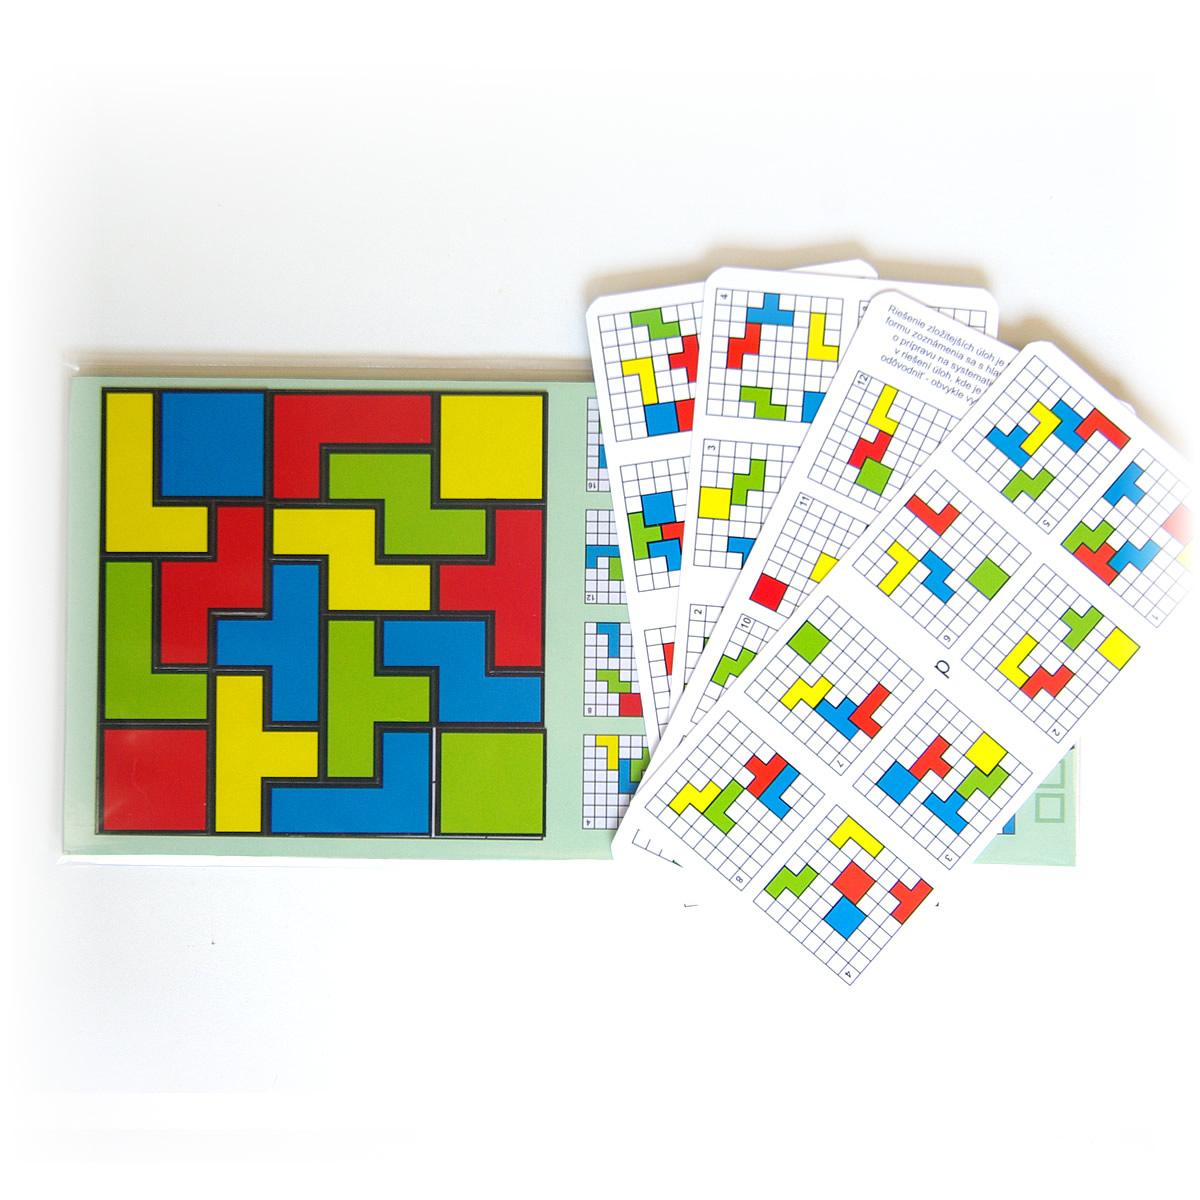 Magnetický hlavolam Cuts Quadro, logická hra pre deti a dospelých, detail hracej dosky | Cuts-hlavolam.sk